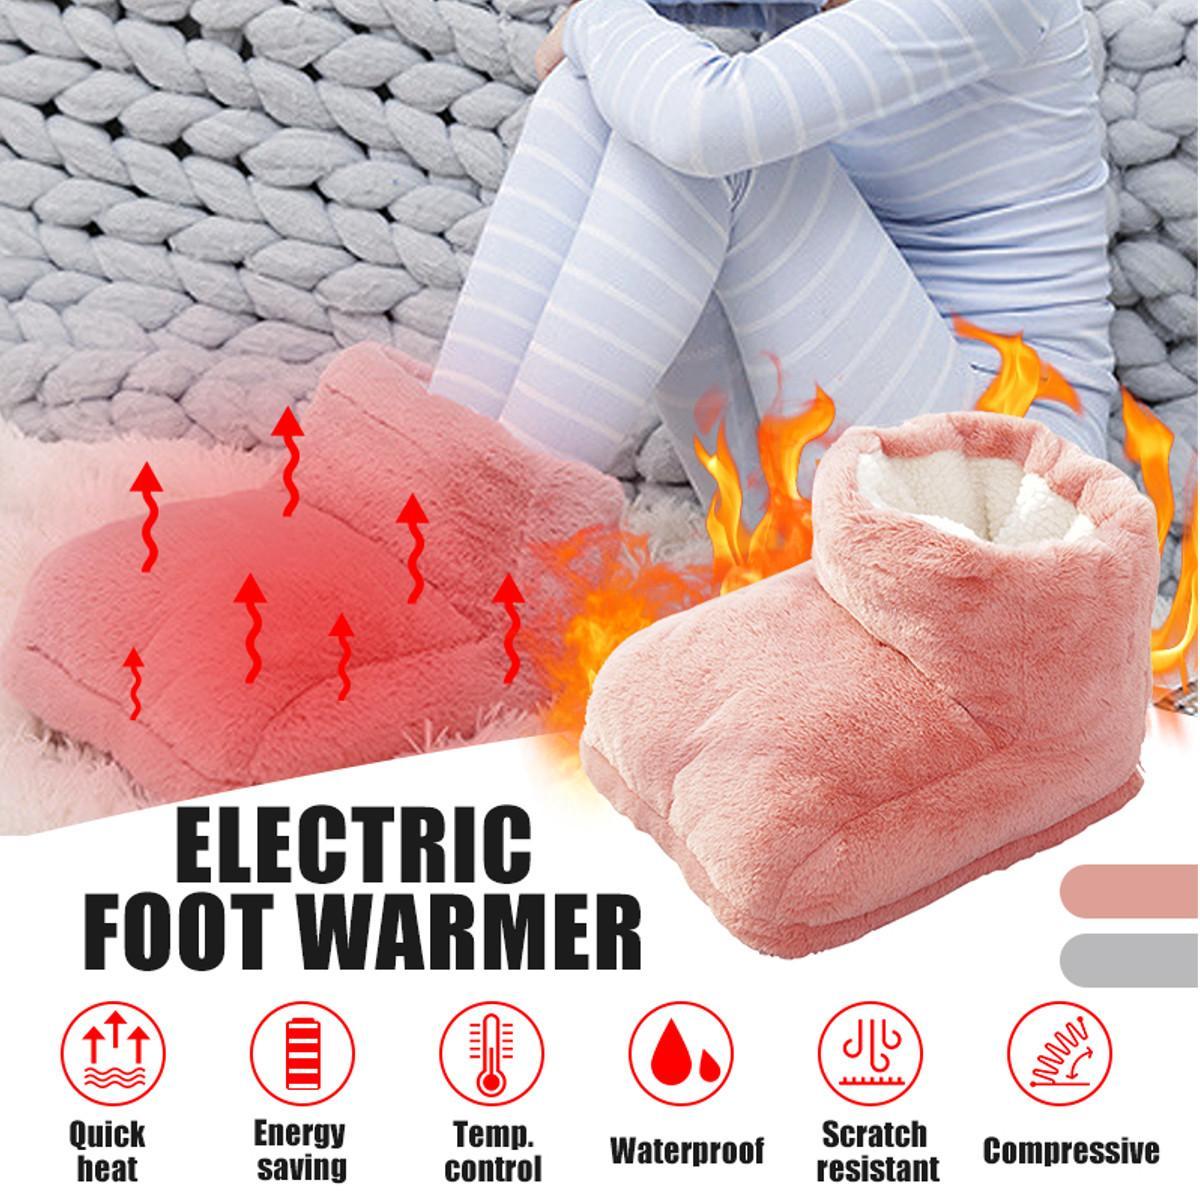 Electric Warm Pad Foot Warmer Electric Heating Pad Electric Heating Feet Shoe Warmer Slippers Electric Slipper Heat Pad USB